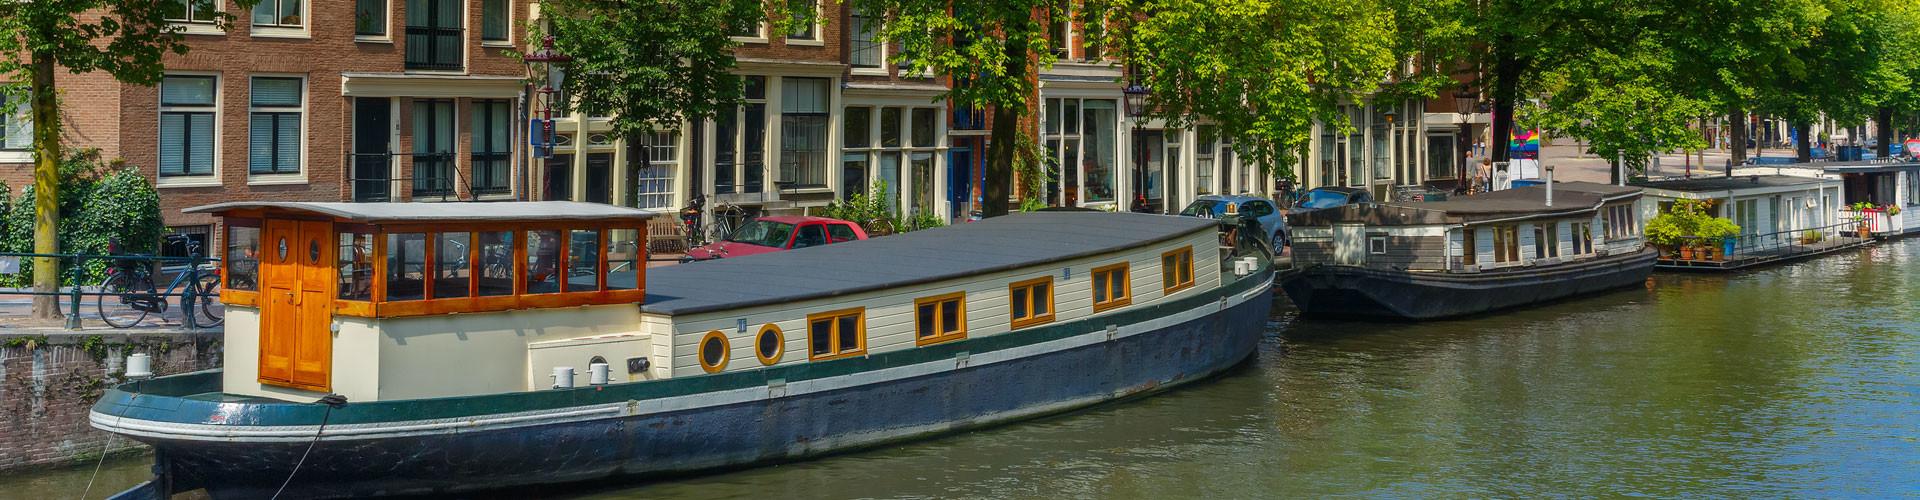 Bodemwisselaar woonboot: duurzaam leven